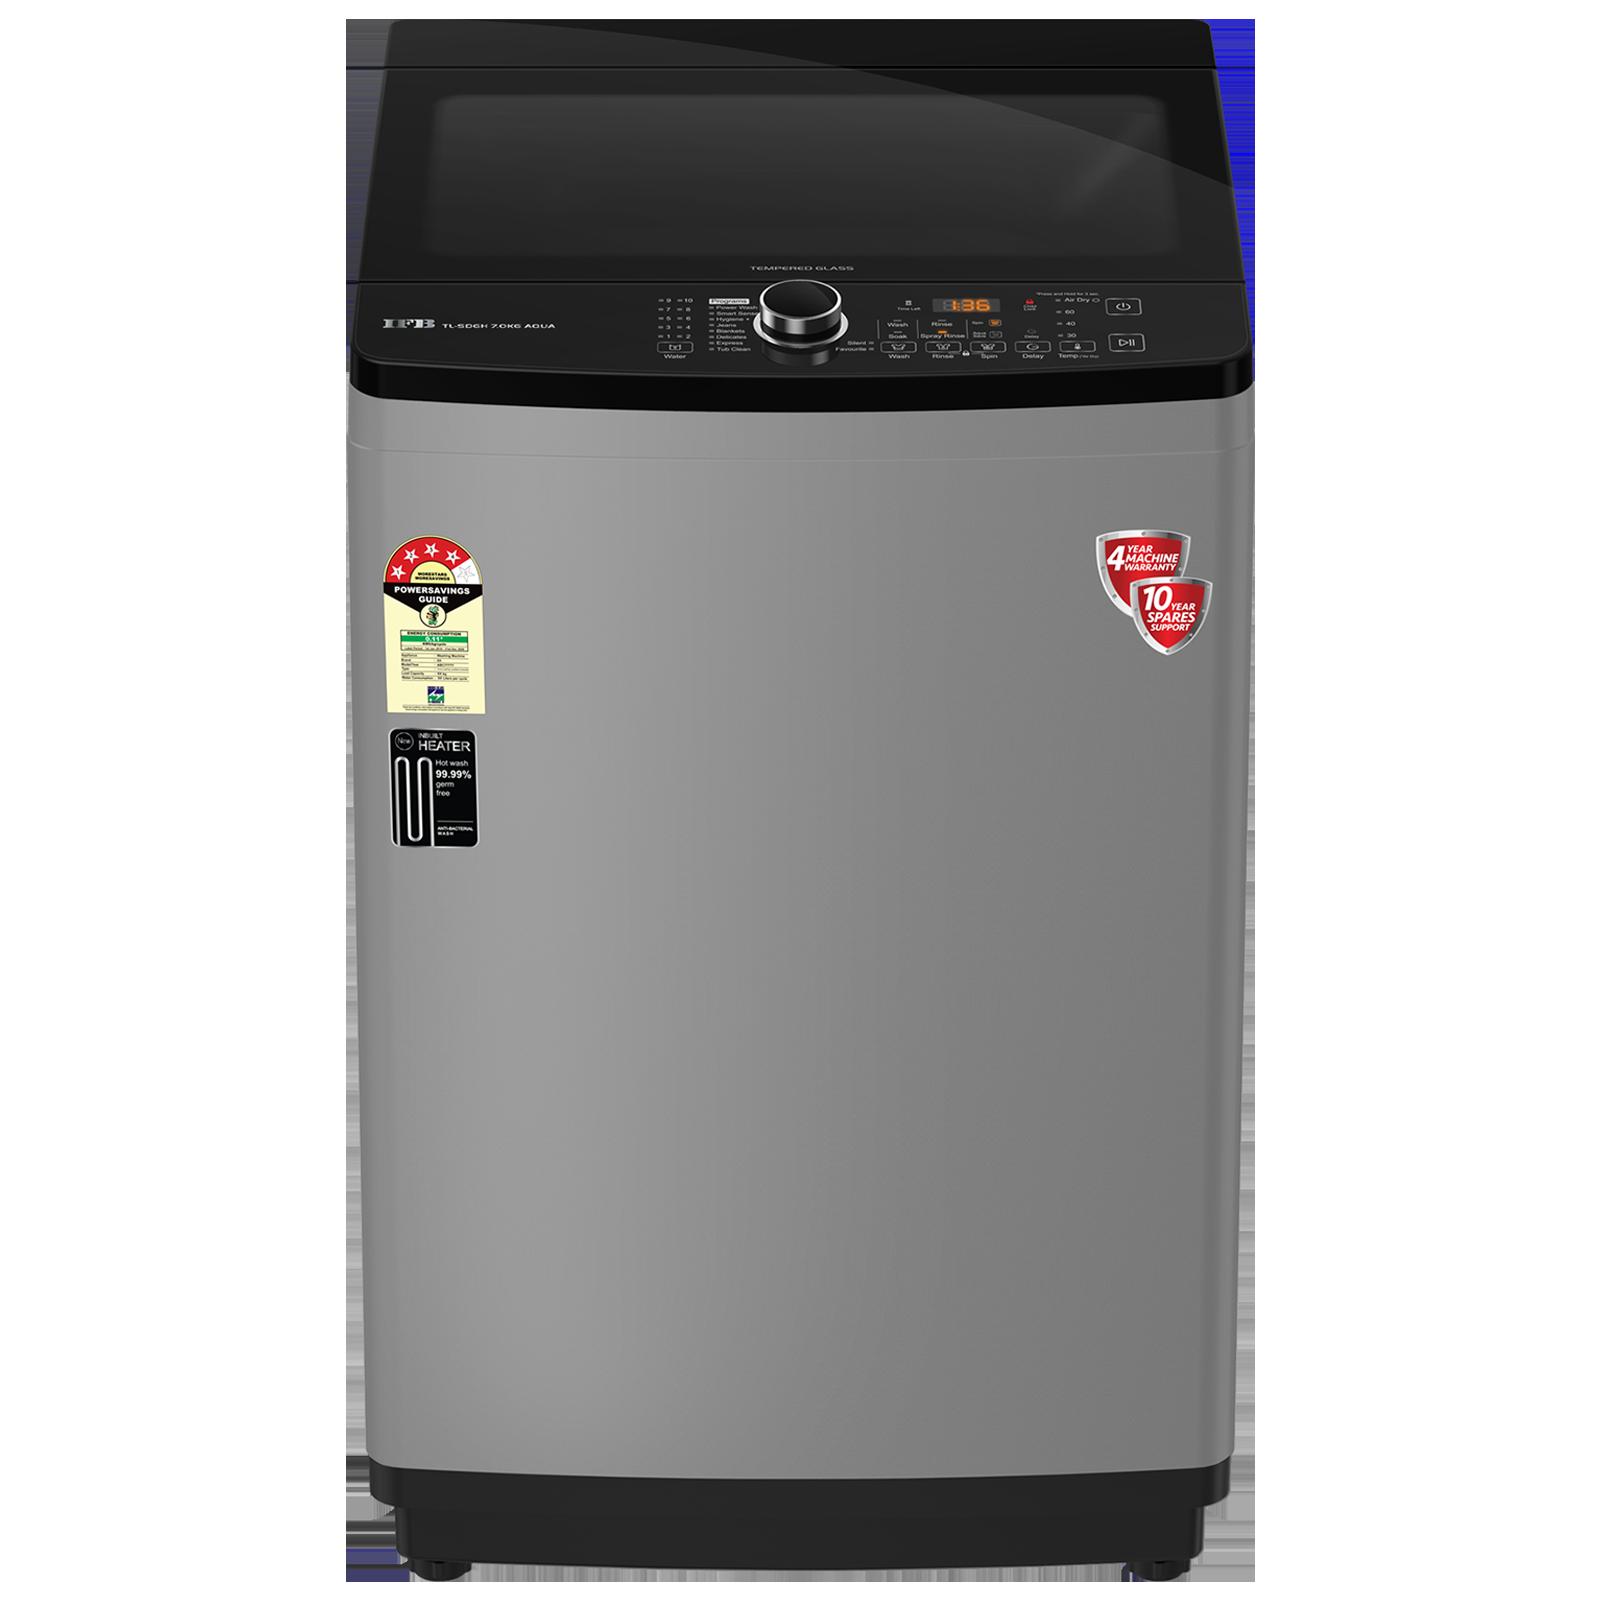 IFB Aqua 7 kg 5 Star Fully Automatic Top Load Washing Machine (Auto Tub Clean, SDGH 7.0, PCM - Medium Grey)_1